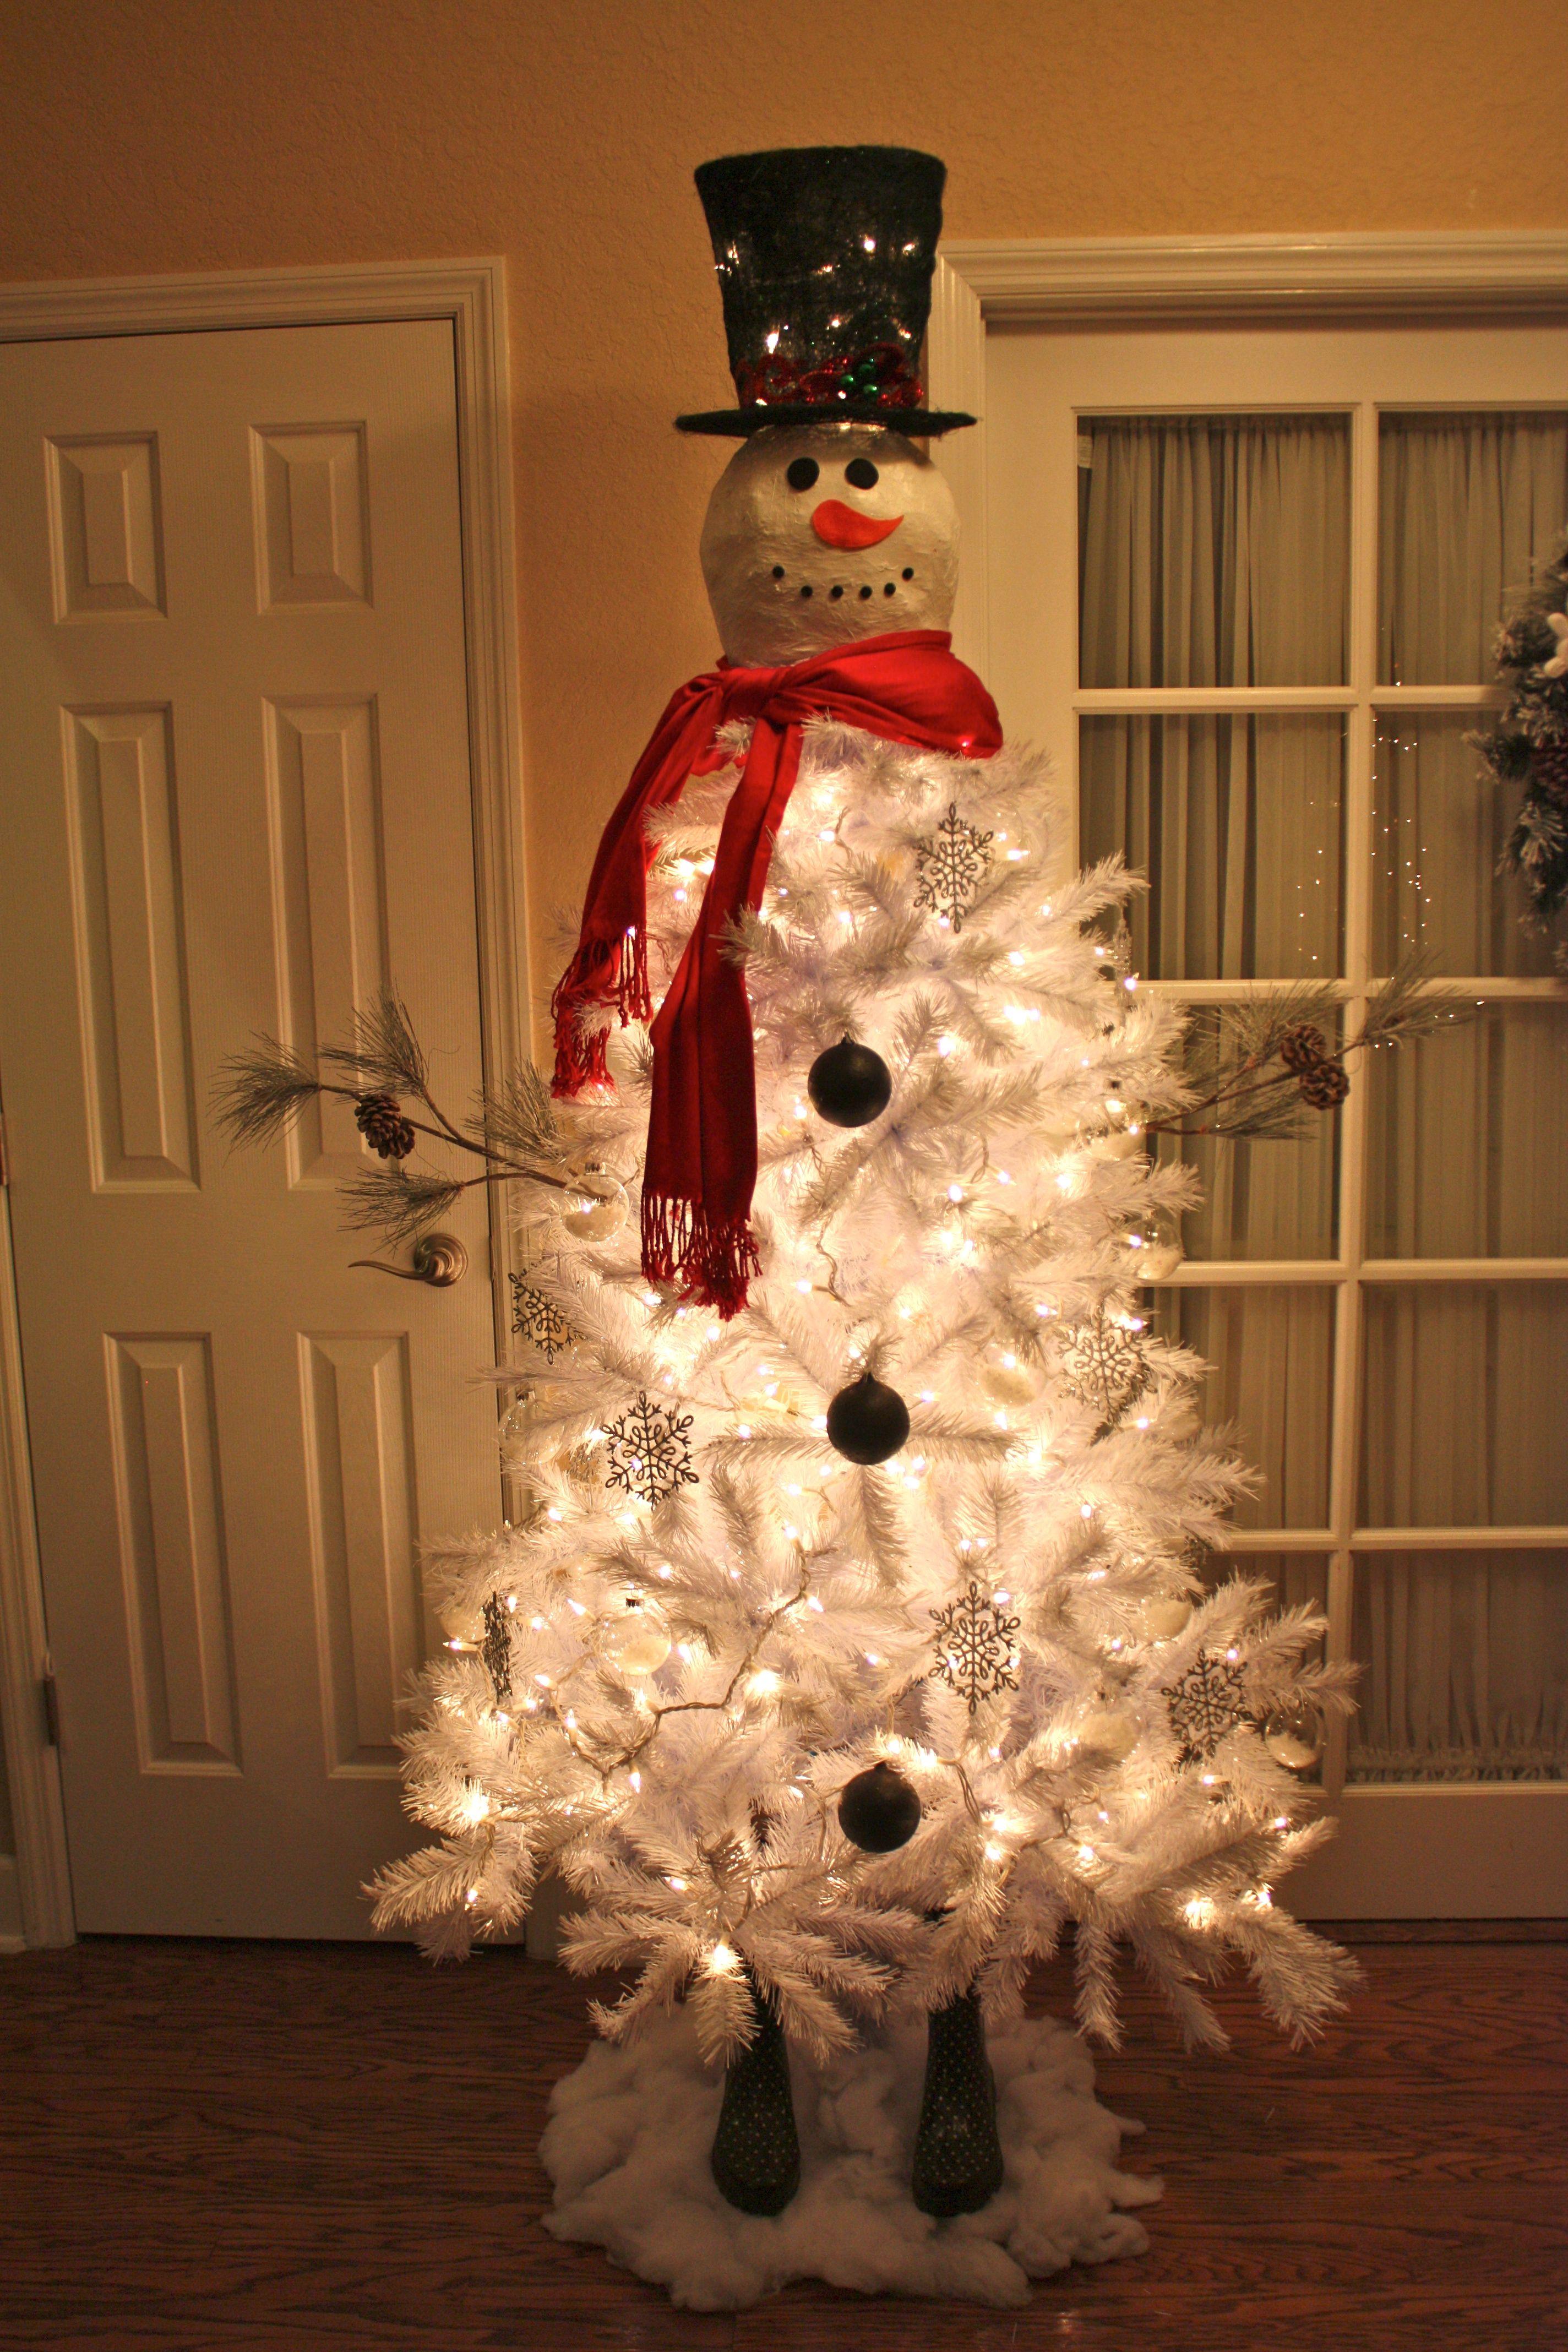 Snowman Christmas Tree  Adorable!